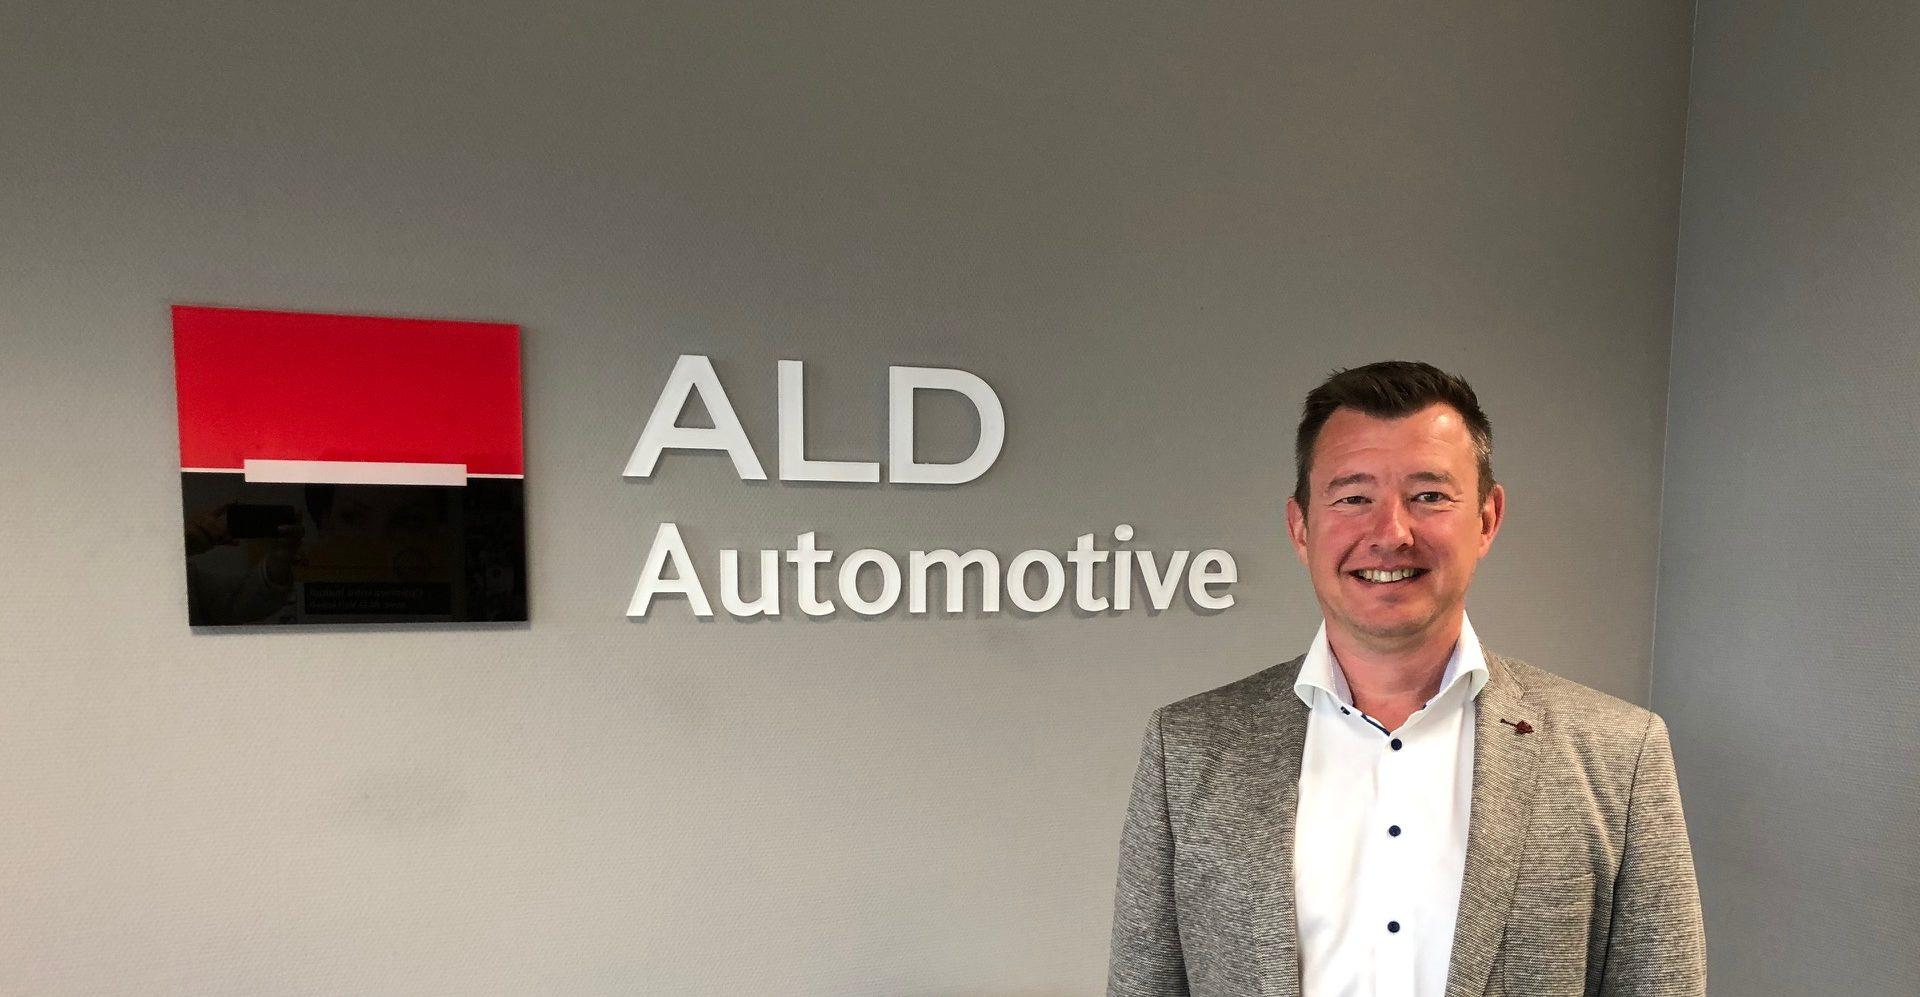 ALD VAN, commercial vehicle leasing by ALD Automotive